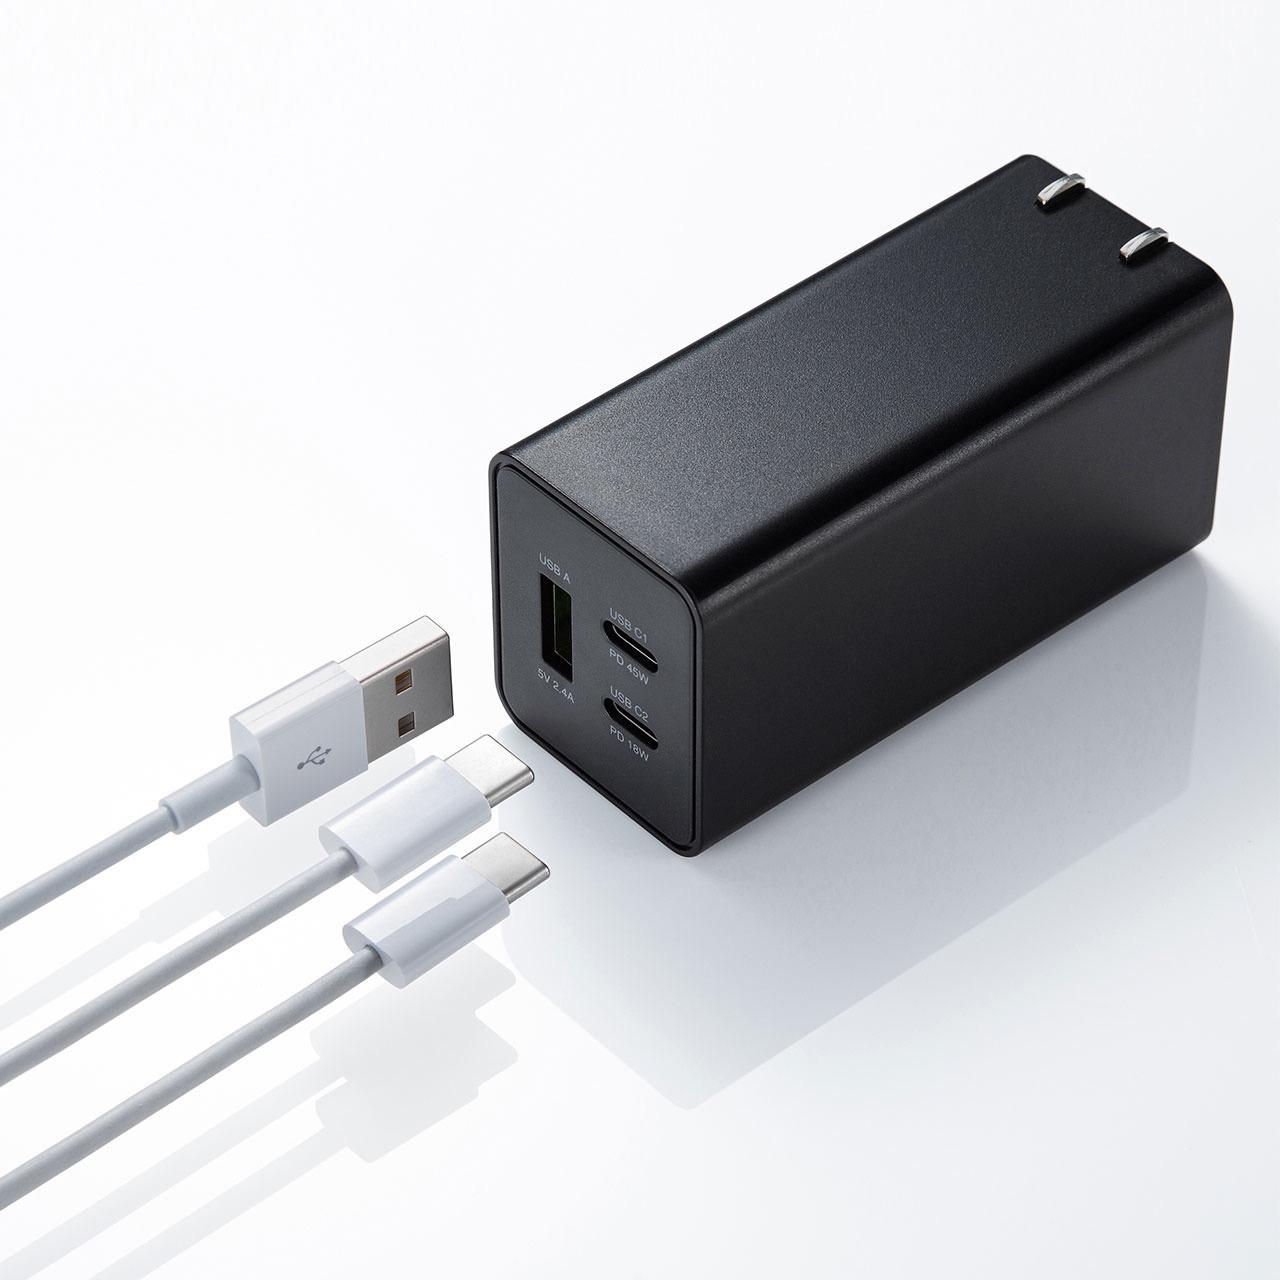 サンワサプライ、次世代半導体のGaN(窒化ガリウム)を採用しUSB PDに対応したコンパクトなAC充電器「ACA-PD73BK」発売